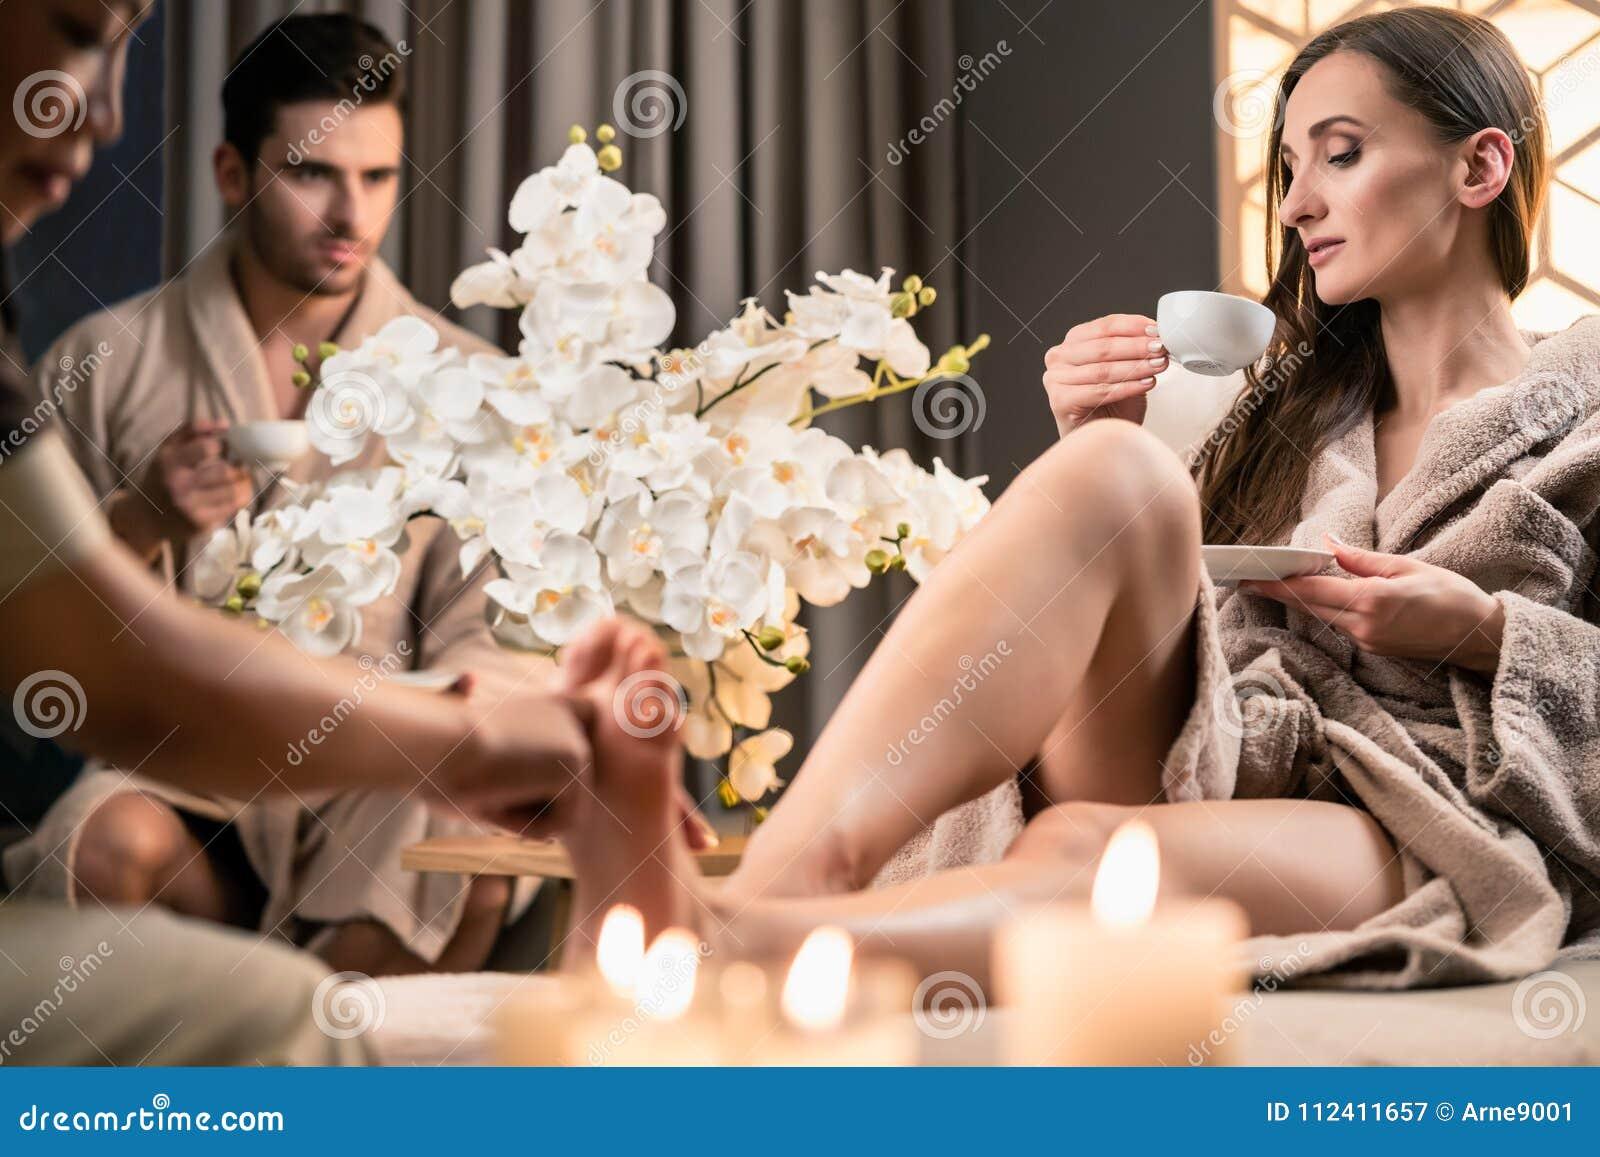 Όμορφο τσάι κατανάλωσης γυναικών κατά τη διάρκεια του θεραπευτικού μασάζ ποδιών